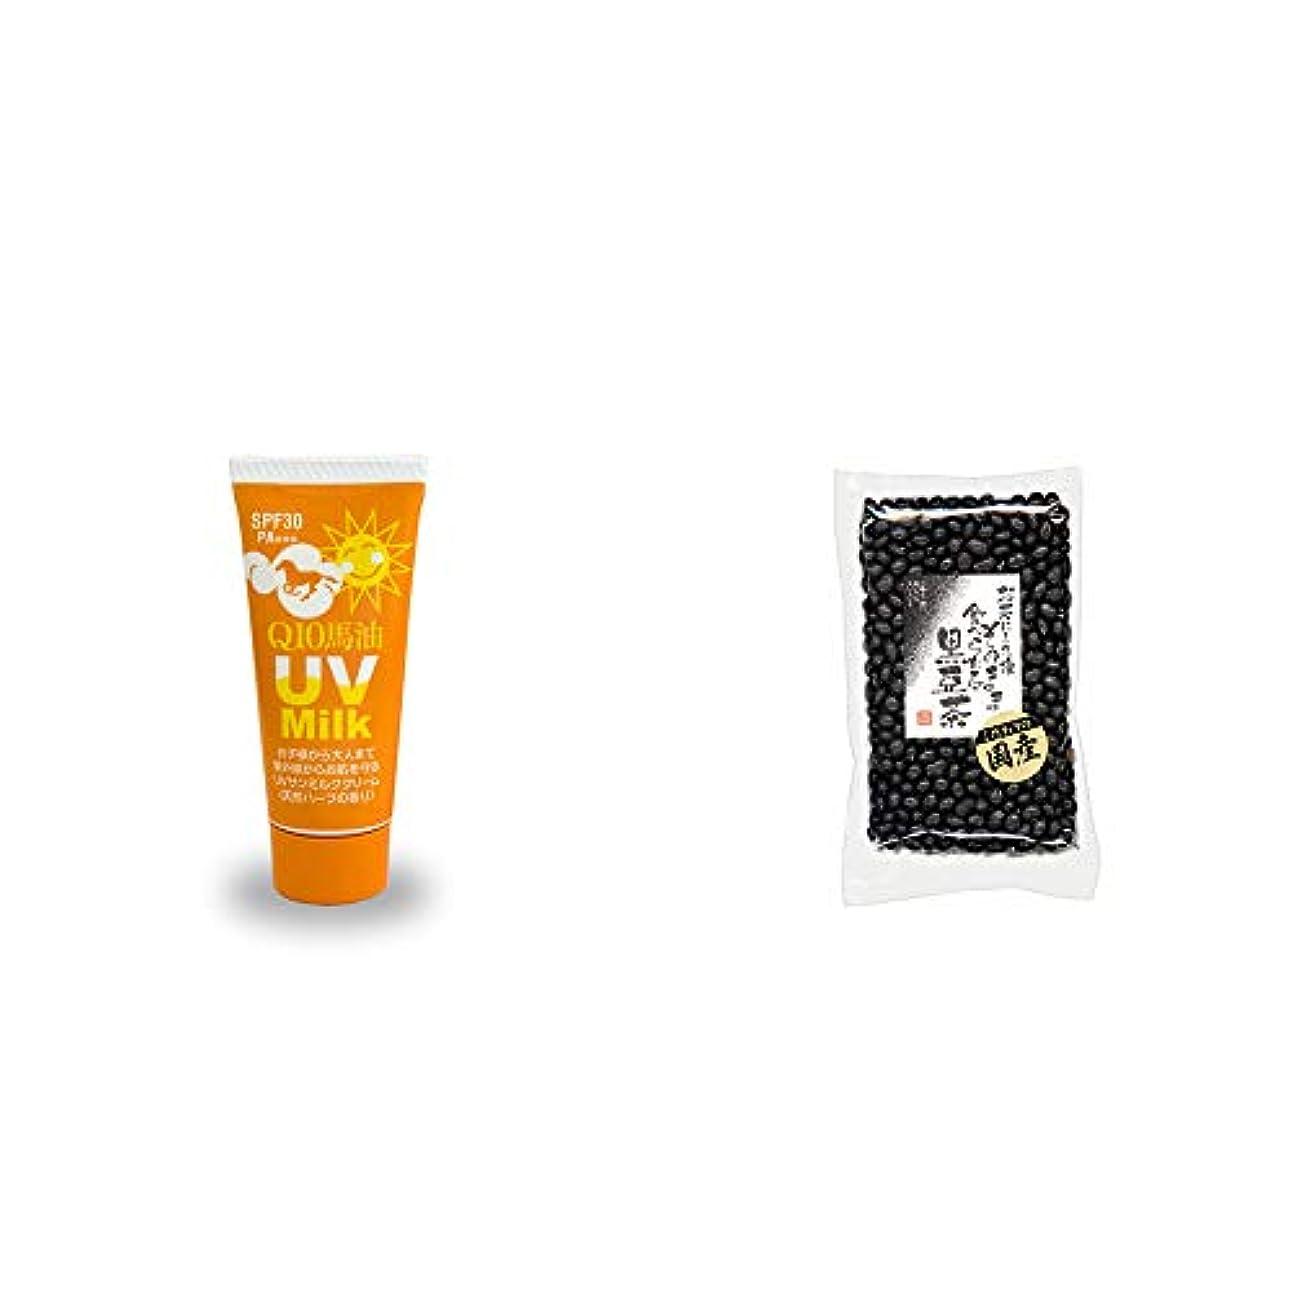 バンガローペックマーベル[2点セット] 炭黒泉 Q10馬油 UVサンミルク[天然ハーブ](40g)?国産 黒豆茶(200g)